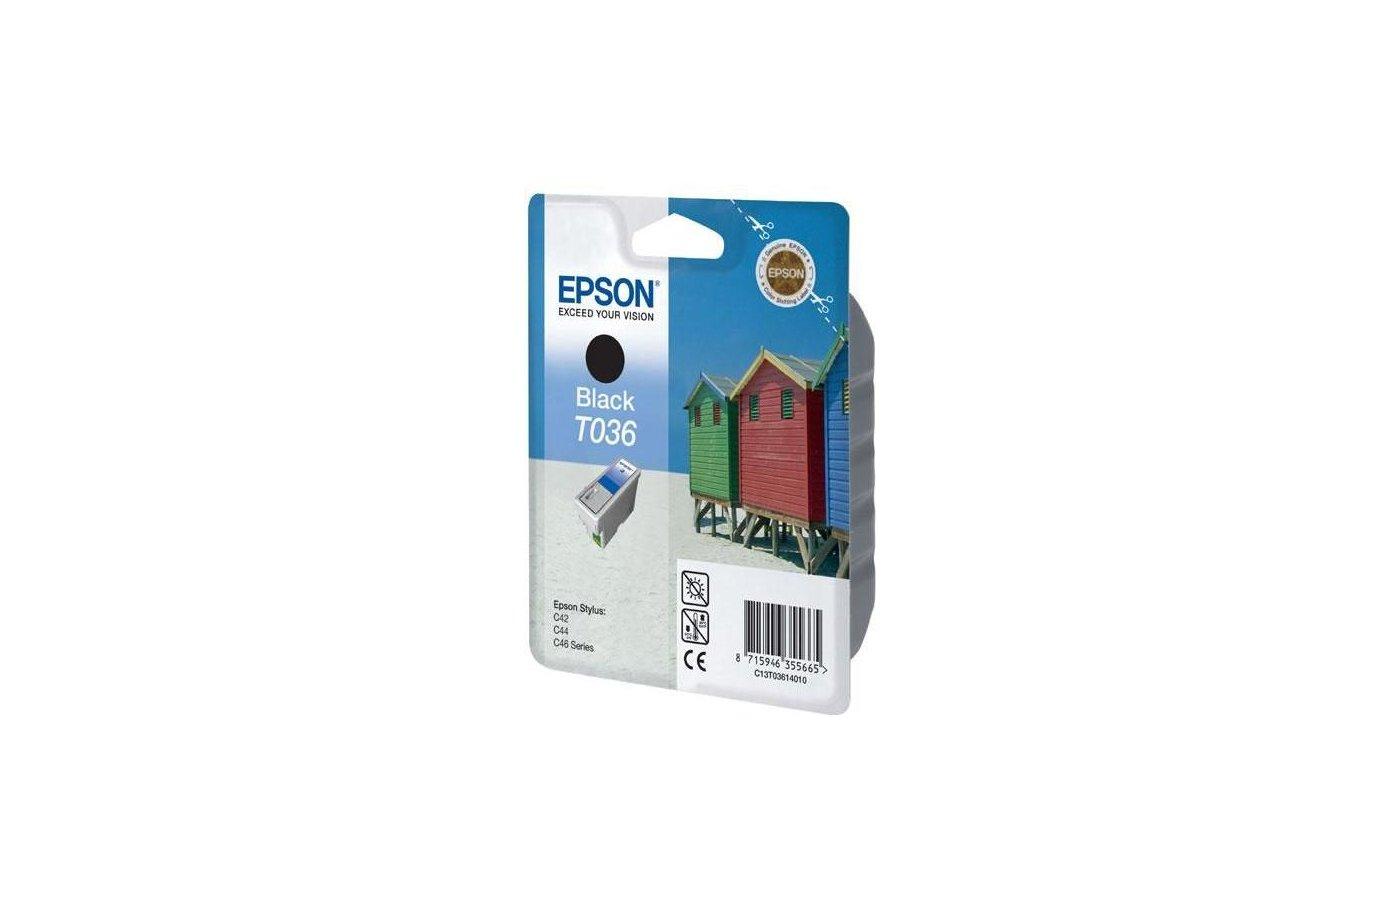 Картридж струйный Epson C13T03614010 картридж Black для Stylus Color C42 (черный)